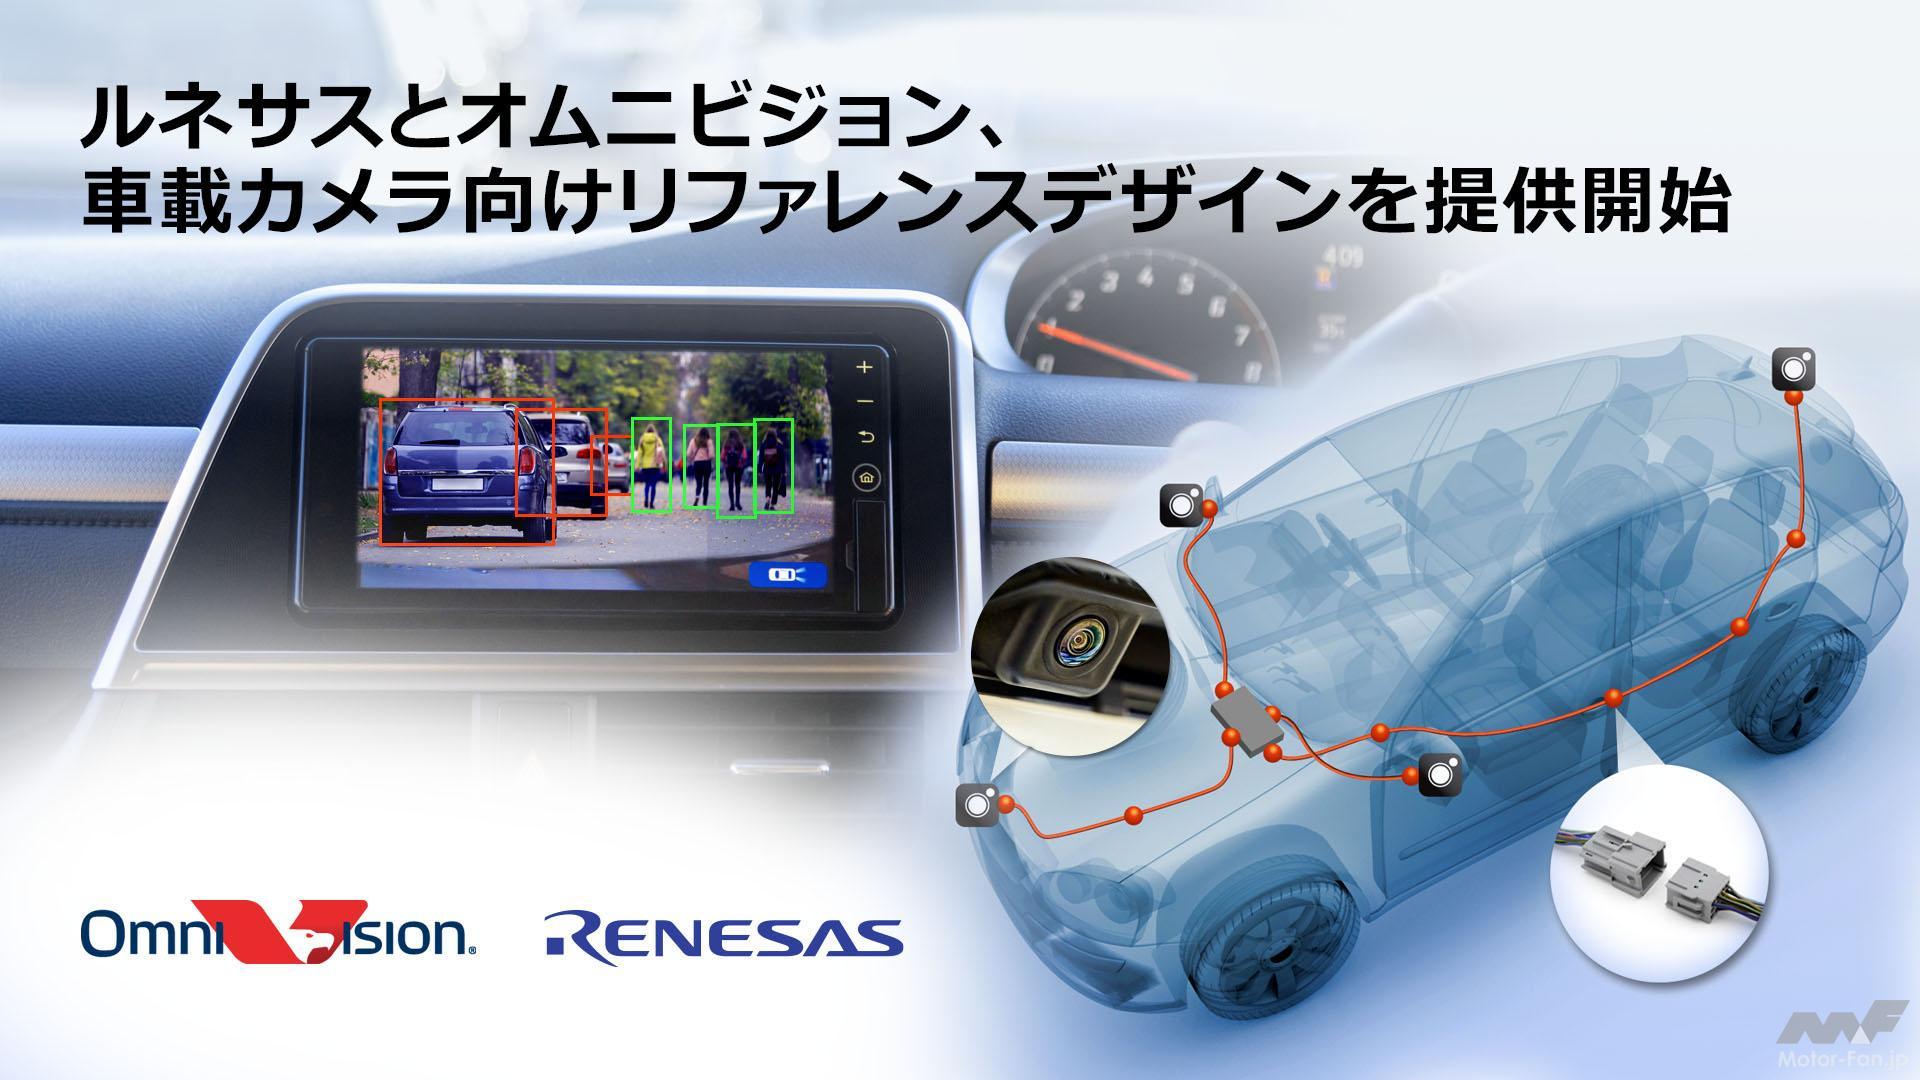 「ルネサス:オムニビジョンと共同、車載カメラシステム向けリファレンスデザインを提供開始」の1枚目の画像